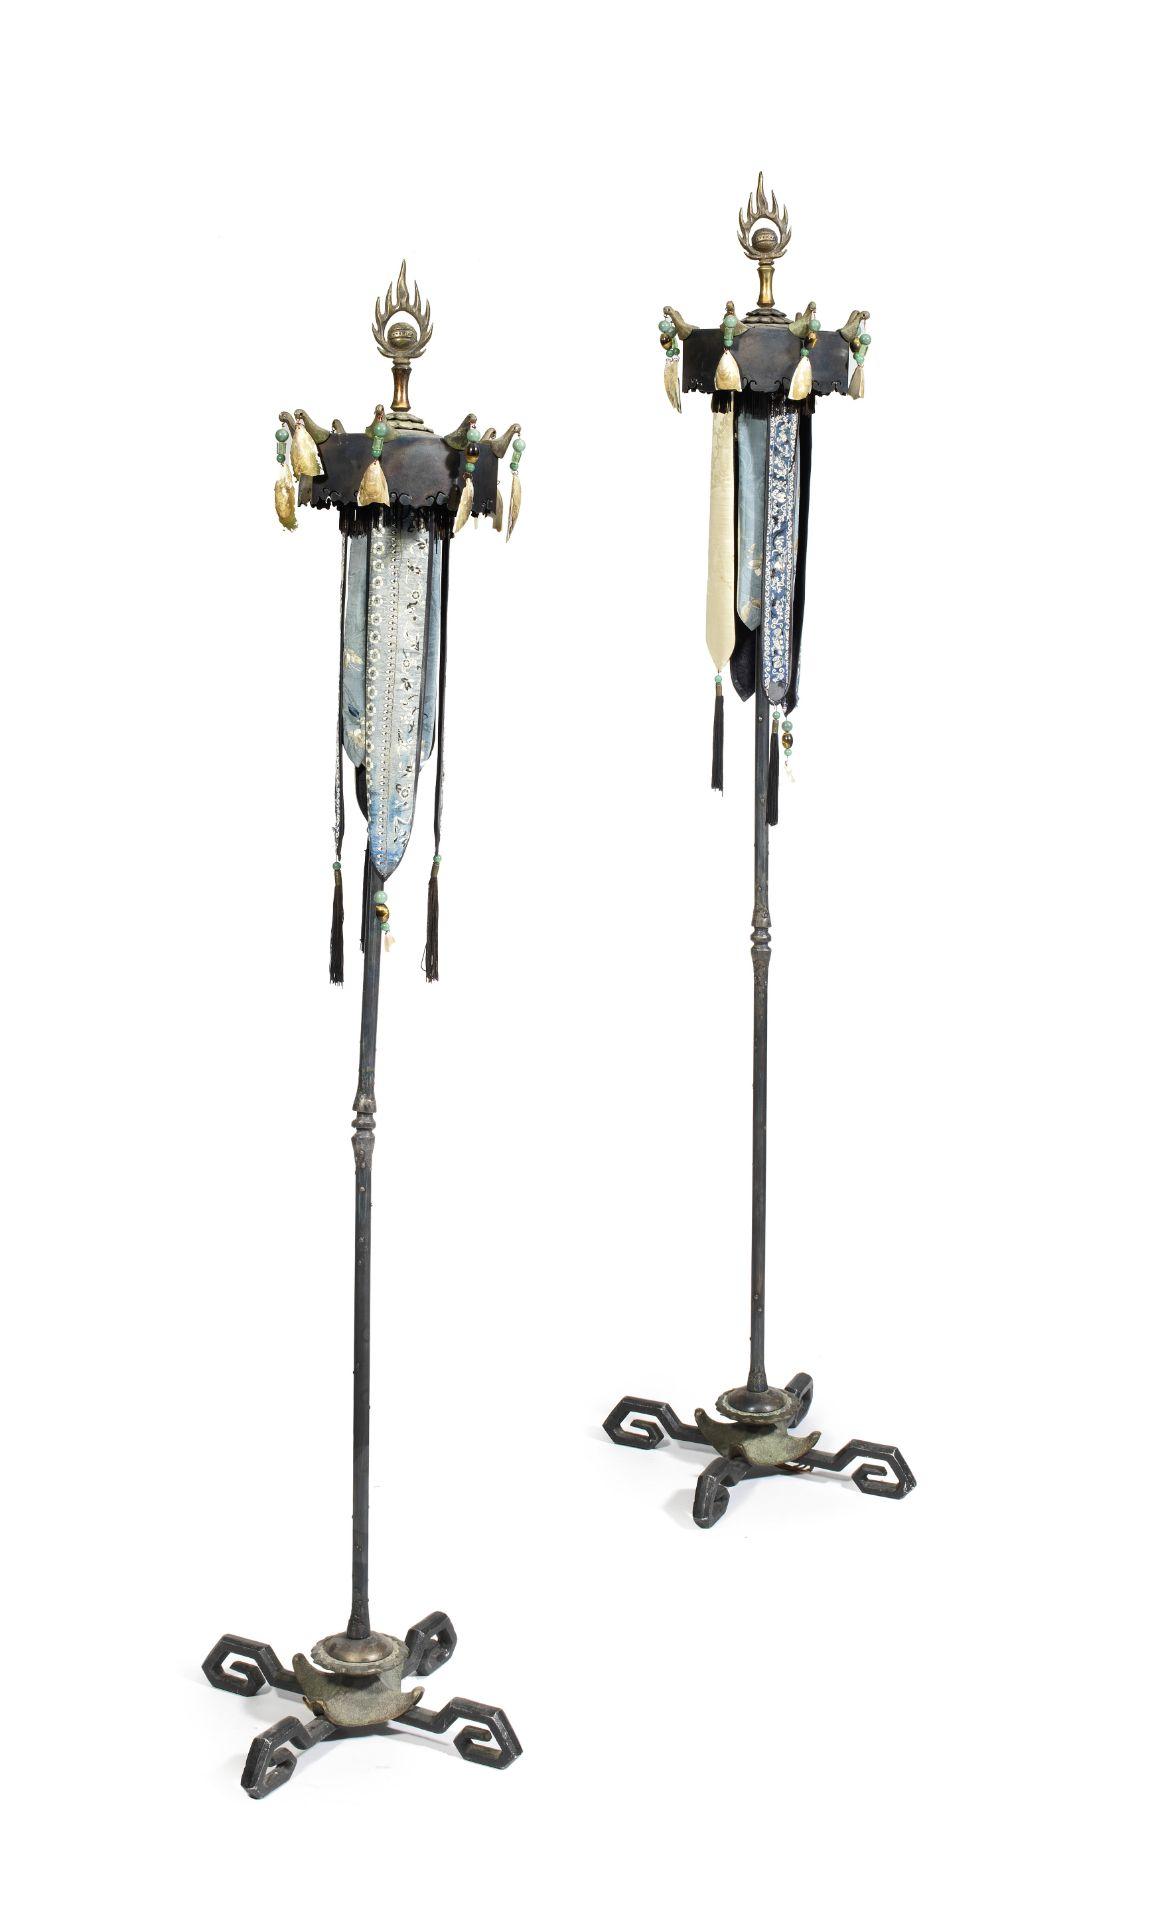 Mark Brazier-Jones (New Zealand, b. 1956): A pair of 'Ting' floor-standing lamps (2)